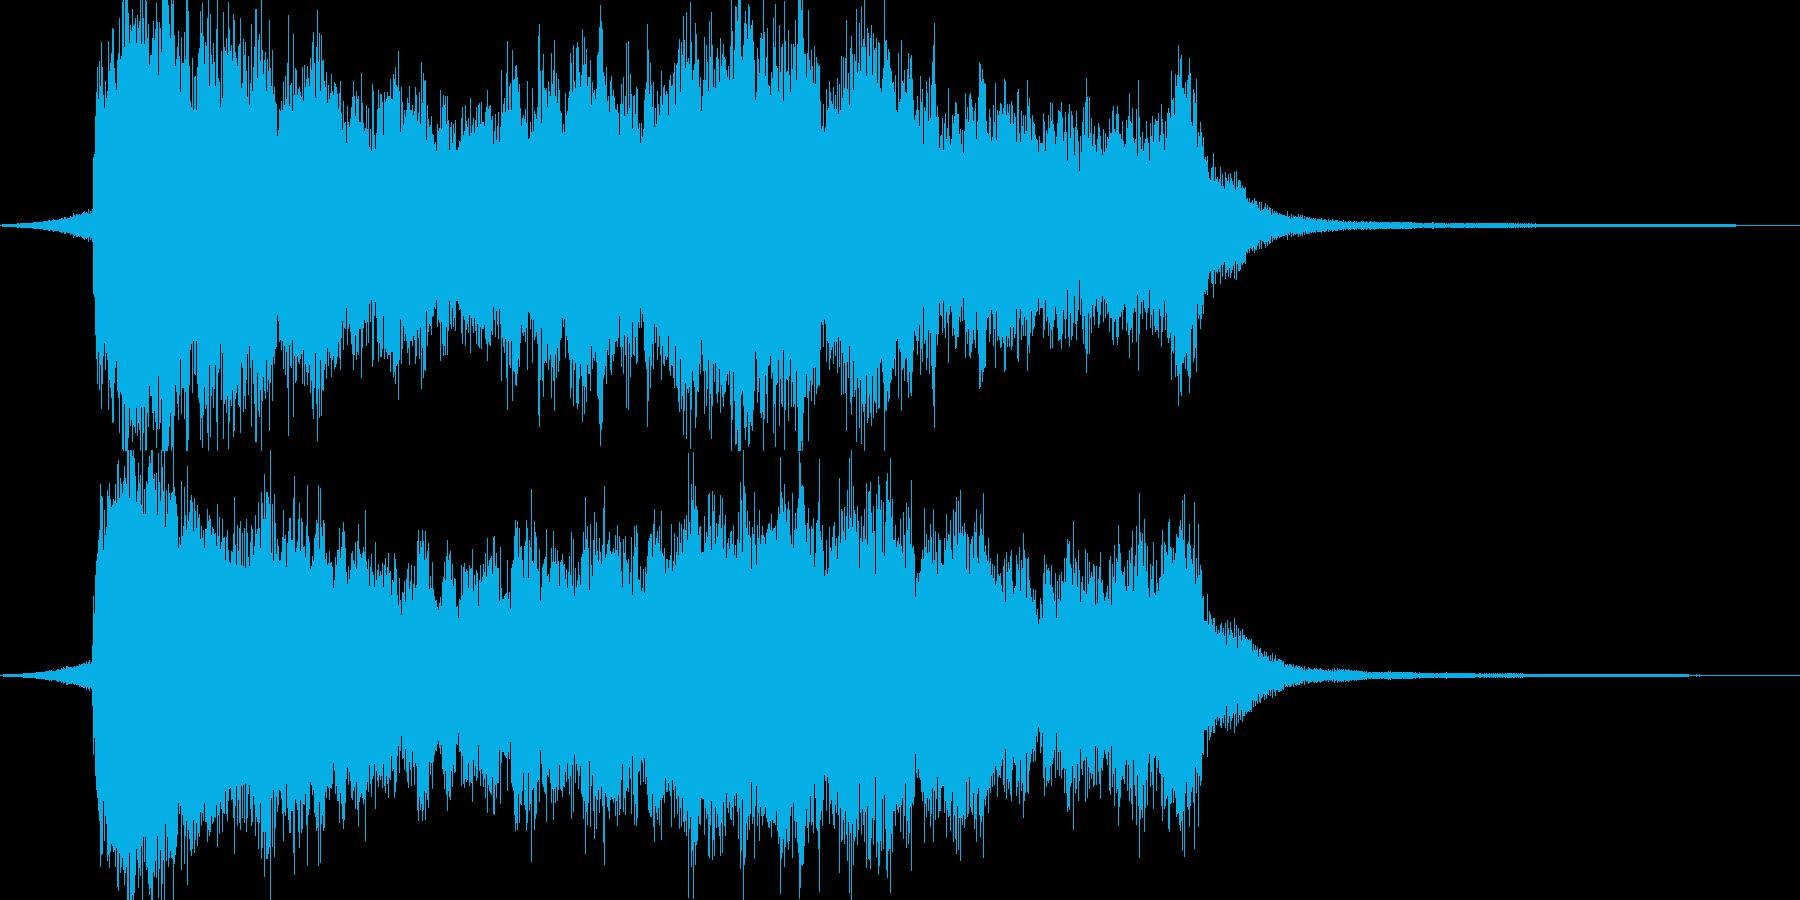 悪との対峙 シンフォニックなジングルの再生済みの波形